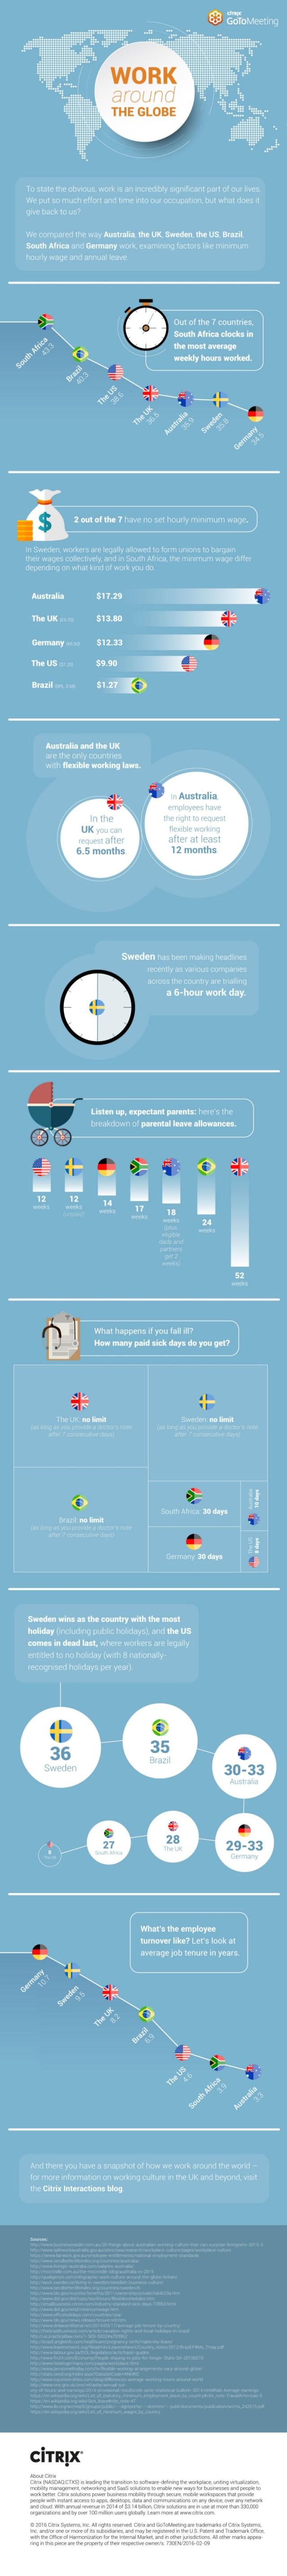 Infographic_Work-Around-the-Globe